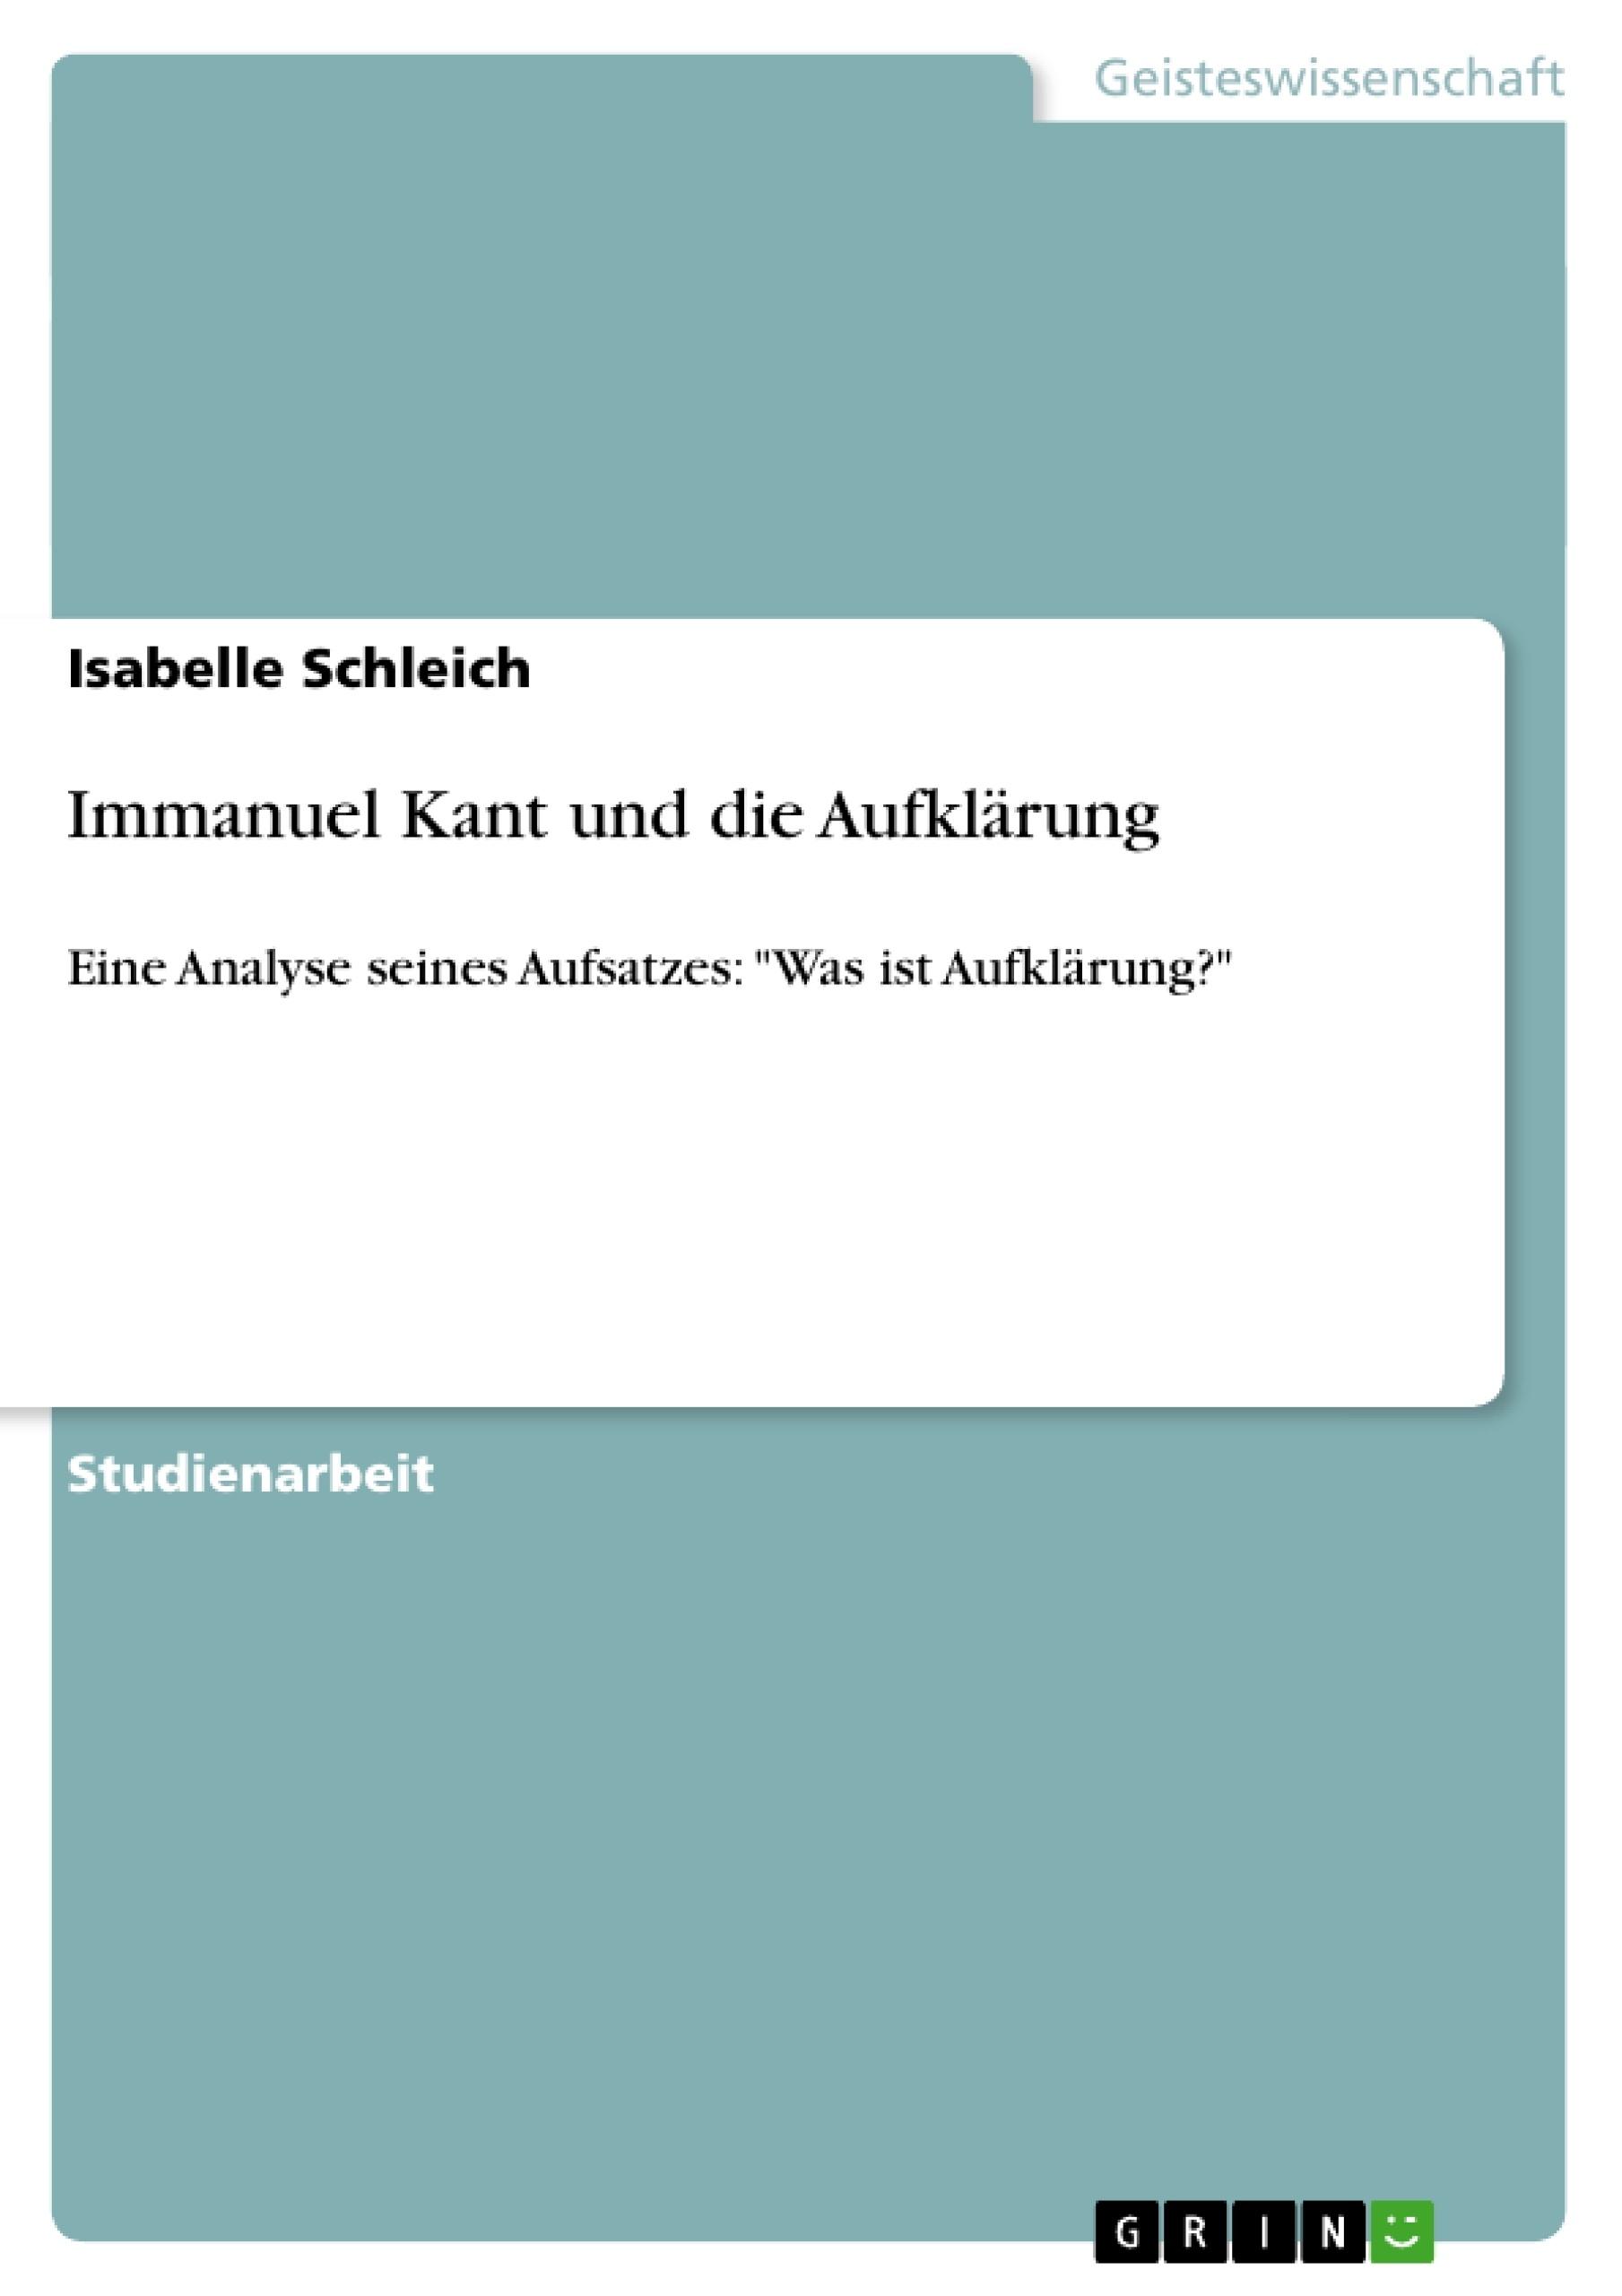 Titel: Immanuel Kant und die Aufklärung